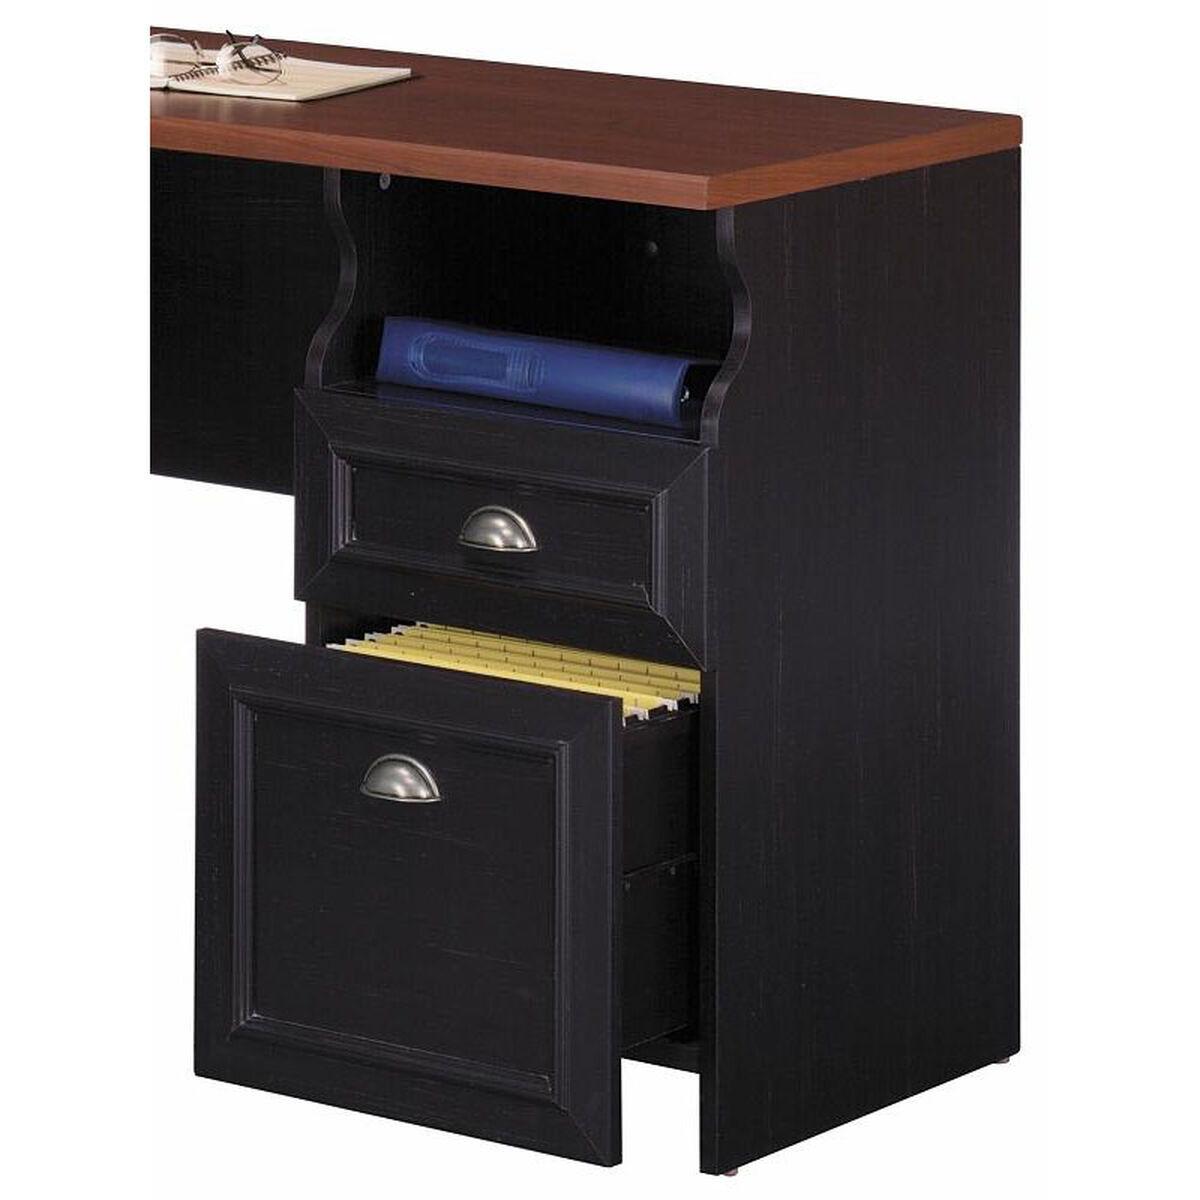 Fairview L Shaped Computer Desk Black Inset 2